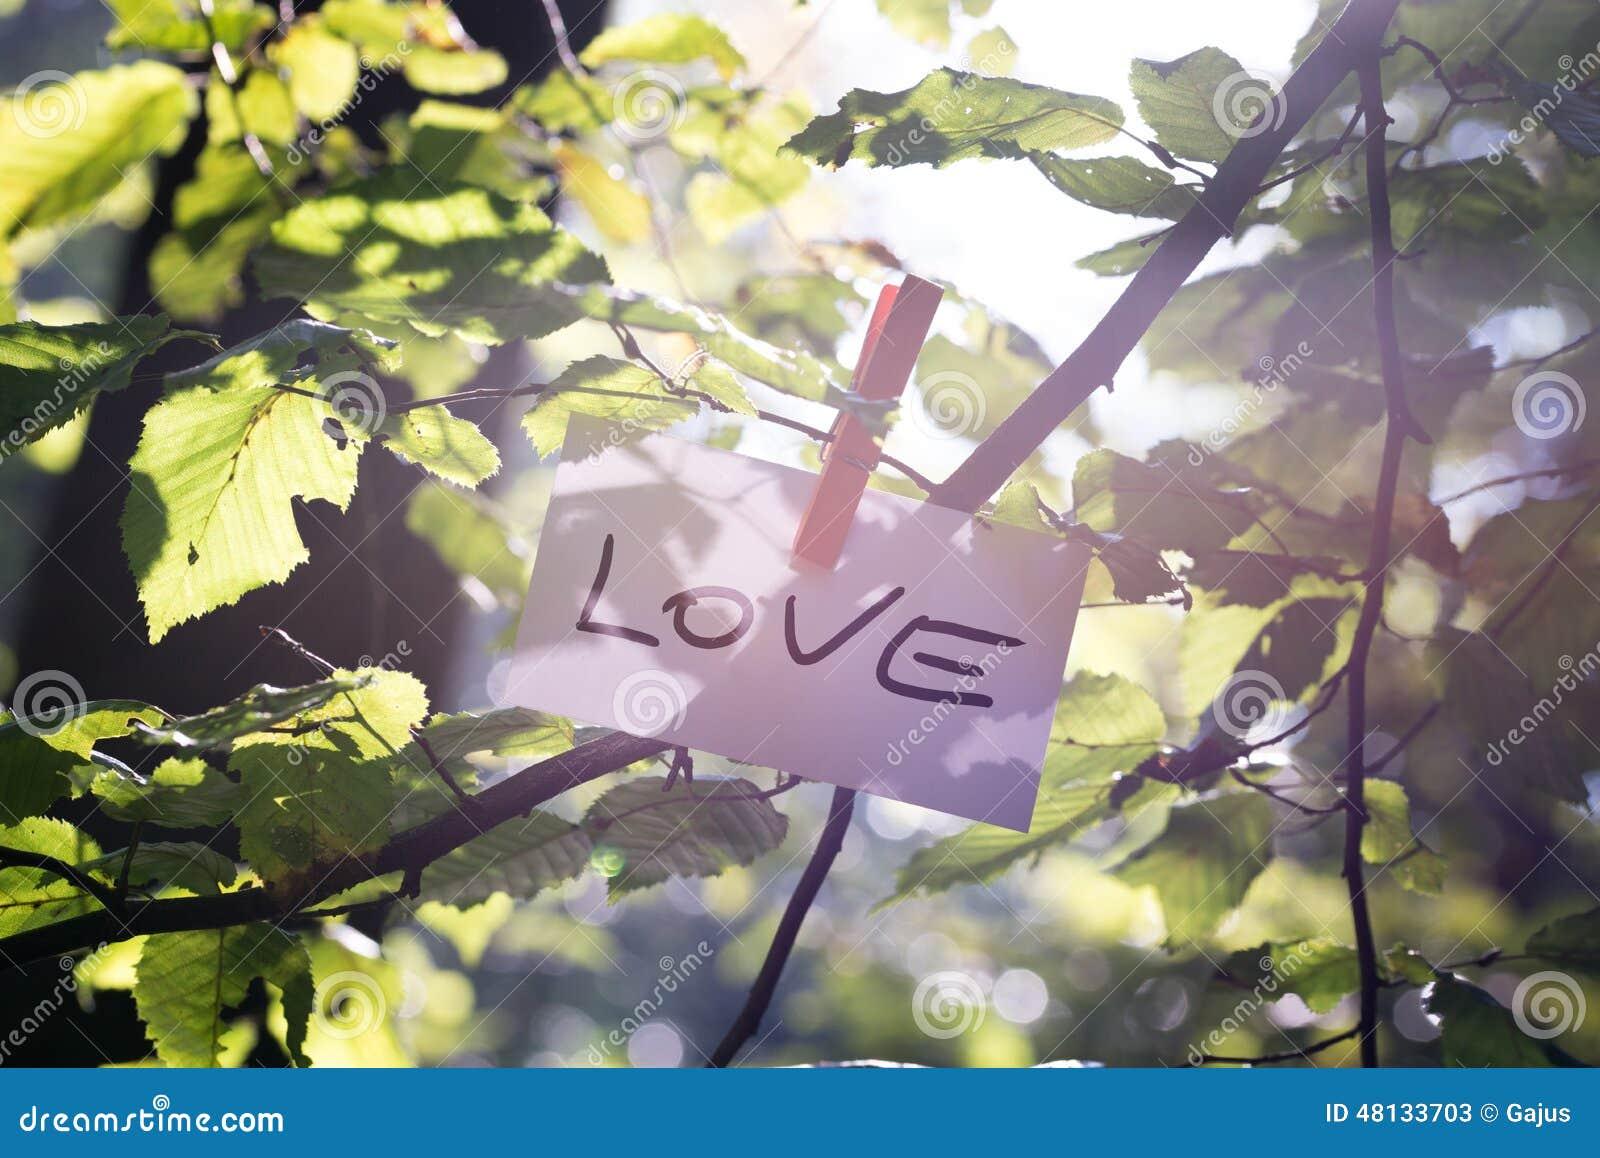 Messaggio di amore in natura